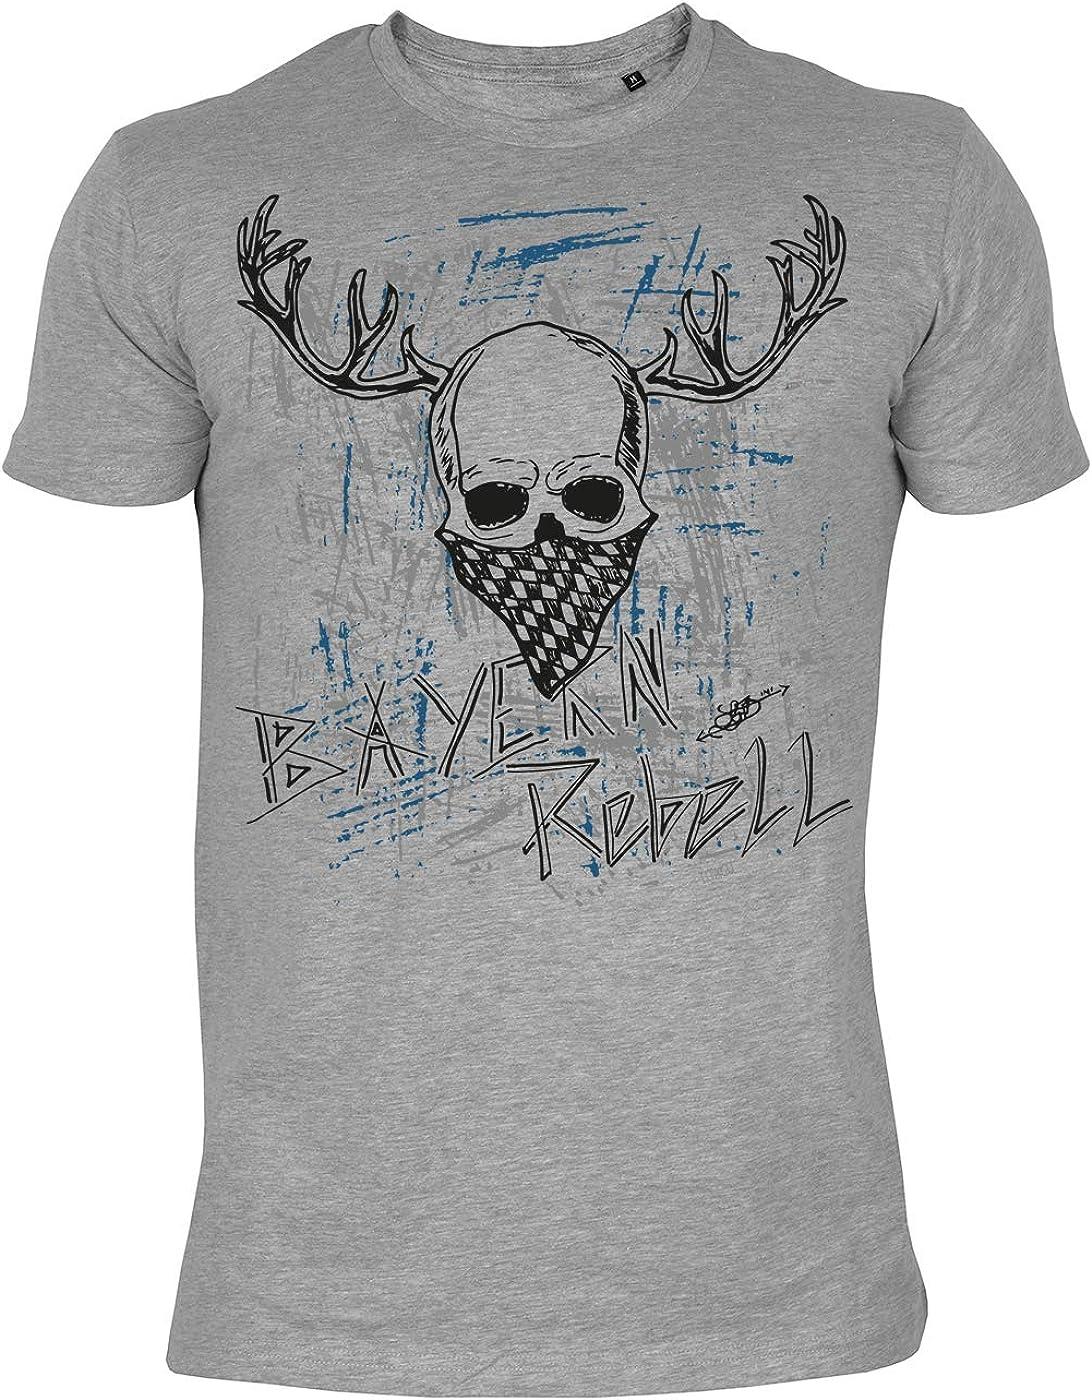 Herren Trachten-Shirt////Biker-Style mit Totenkopf//Hirsch-Motiv Bayern Rebell